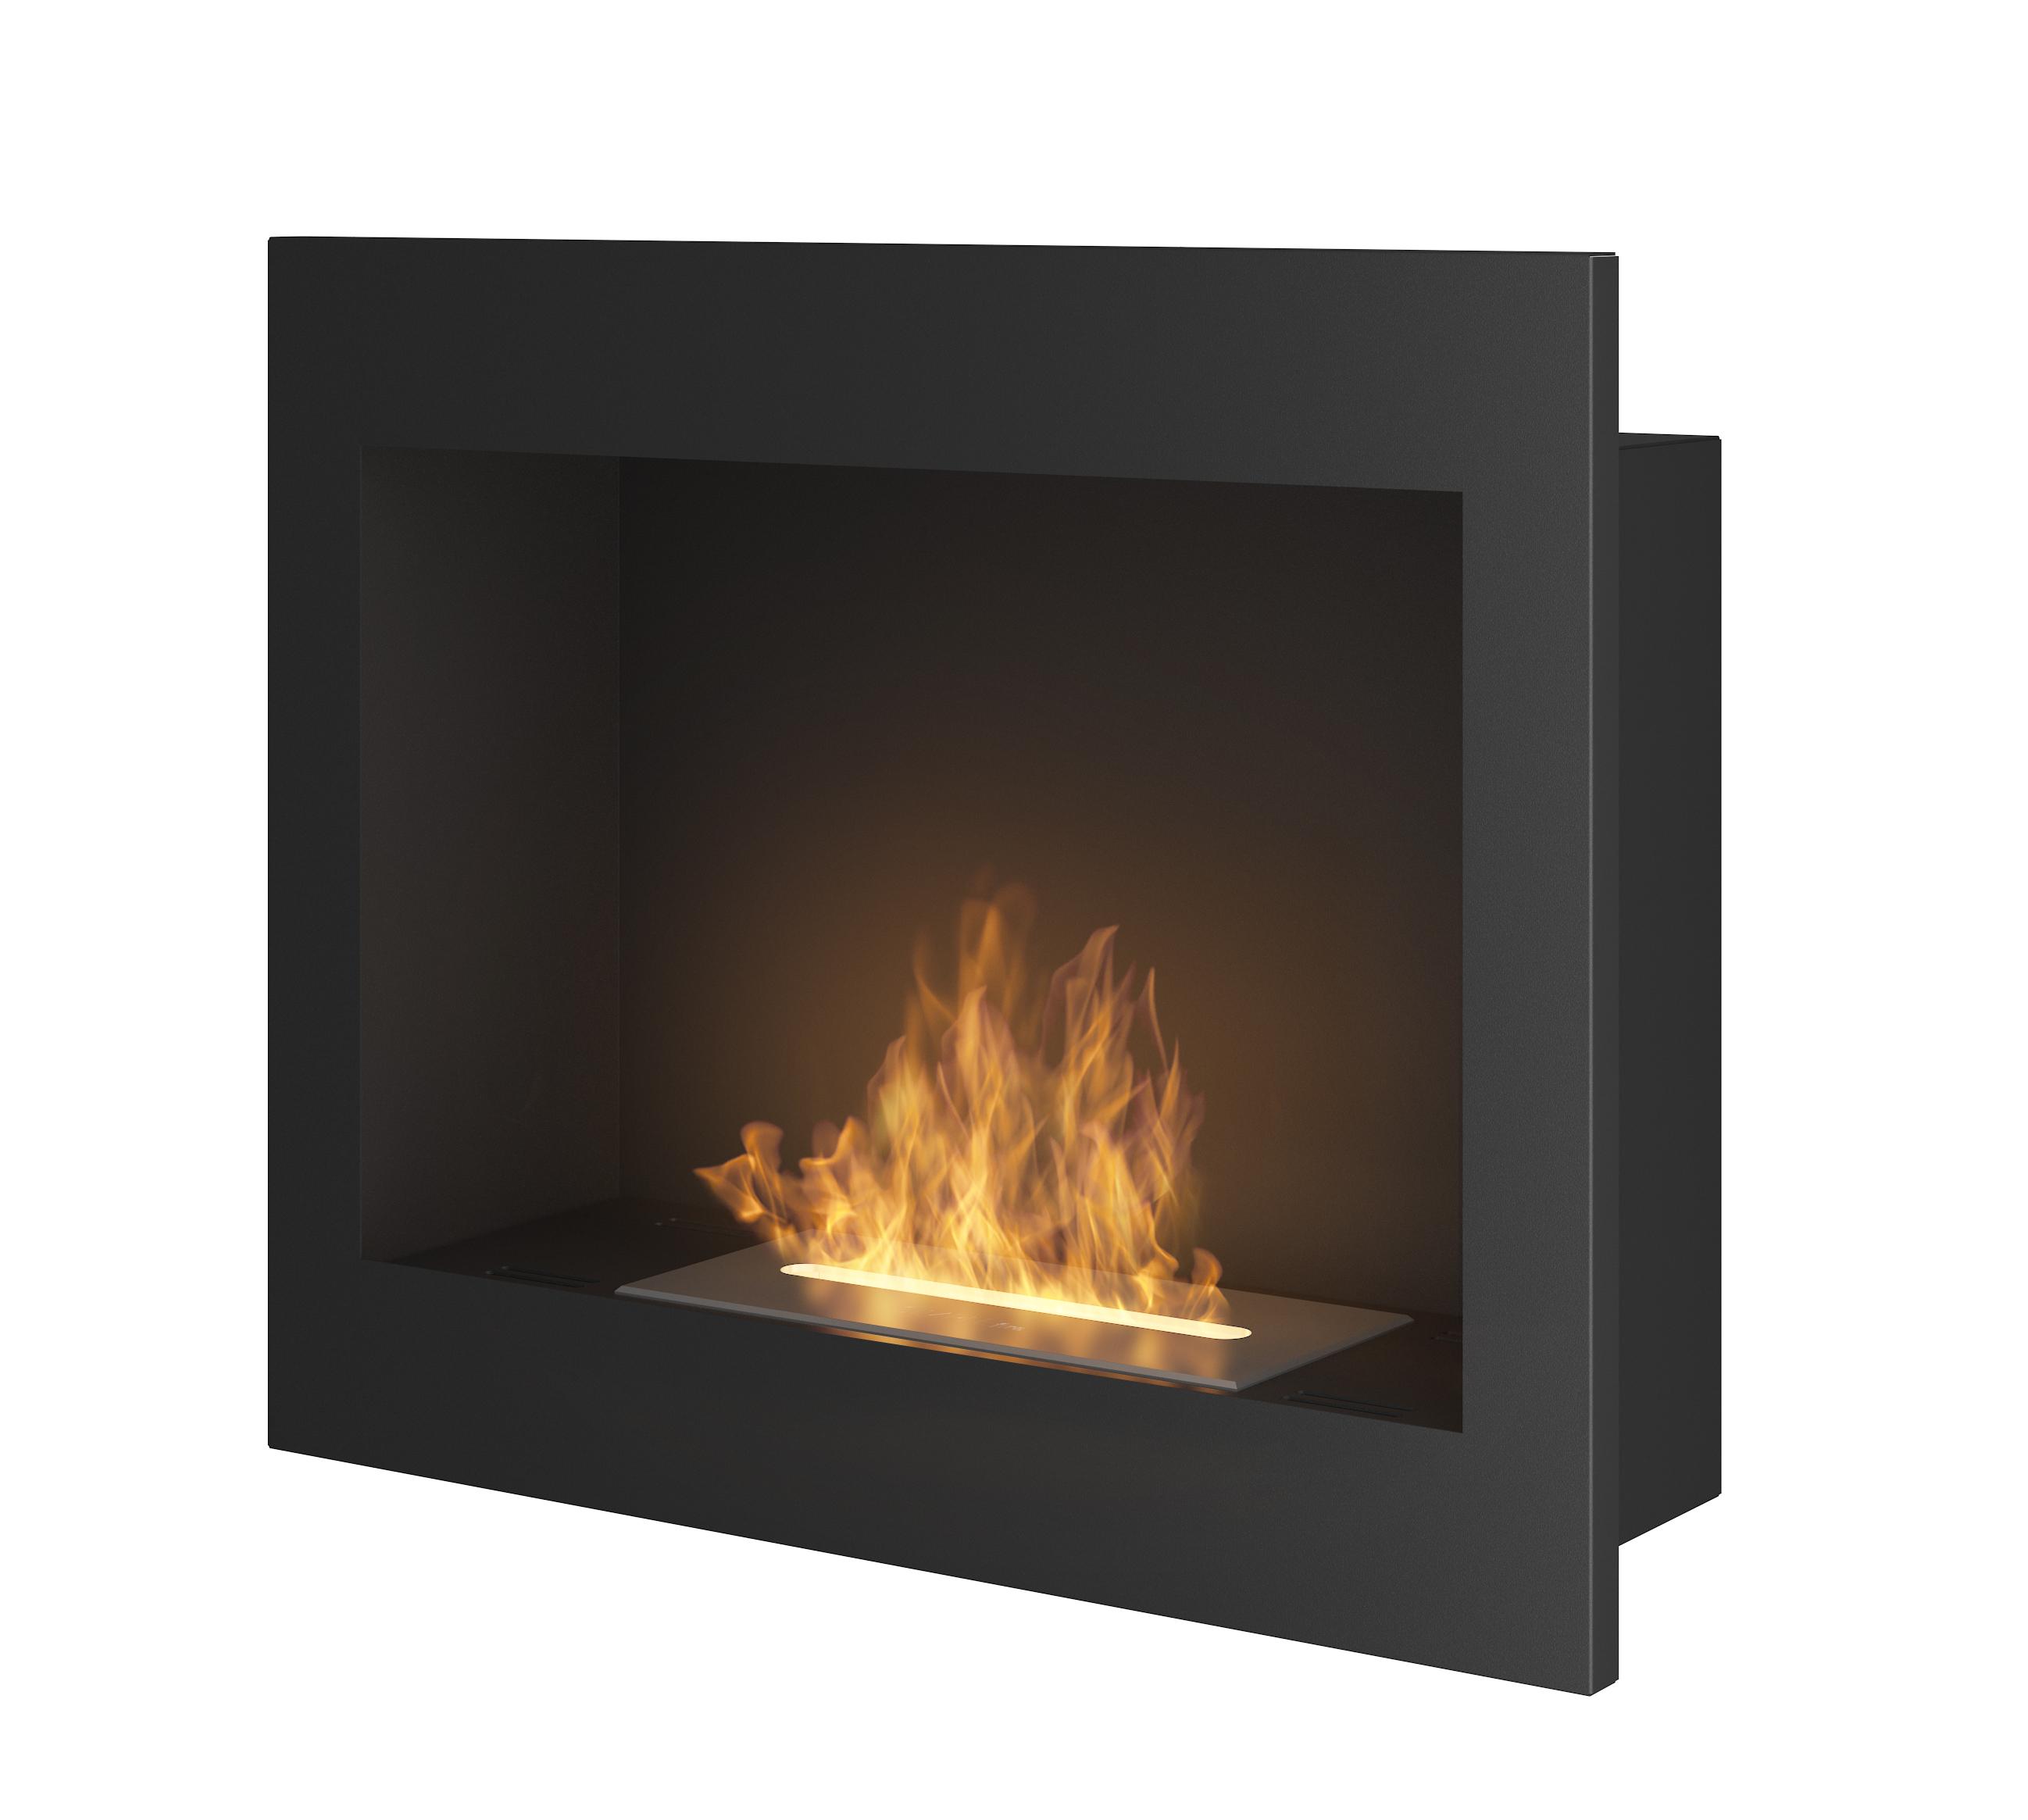 Ethanol fireplace Simple Fire Frame 600 • Artflame.com